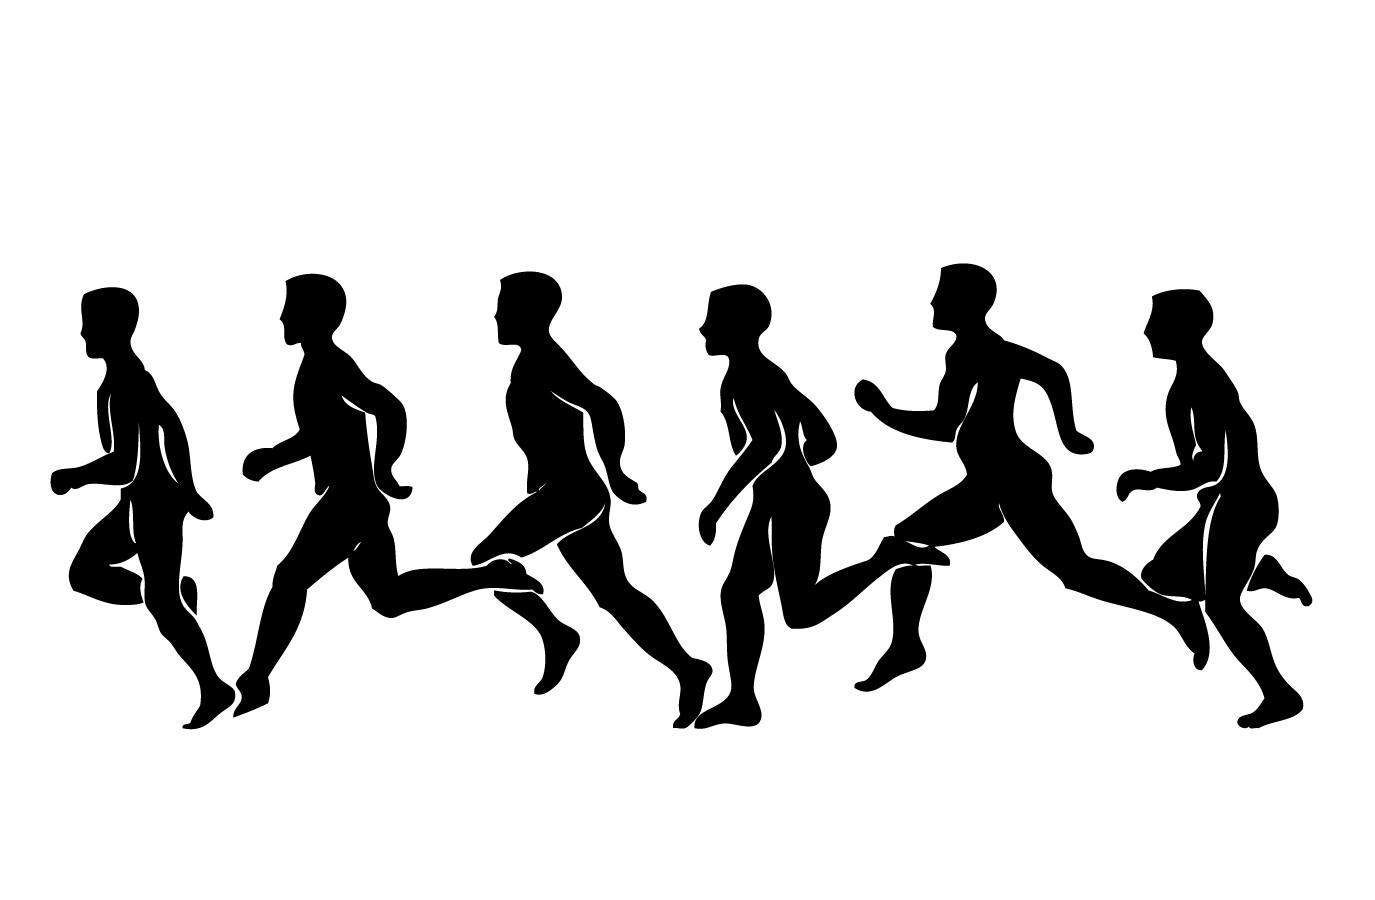 Bezierinfo Running Exercise Clip Art